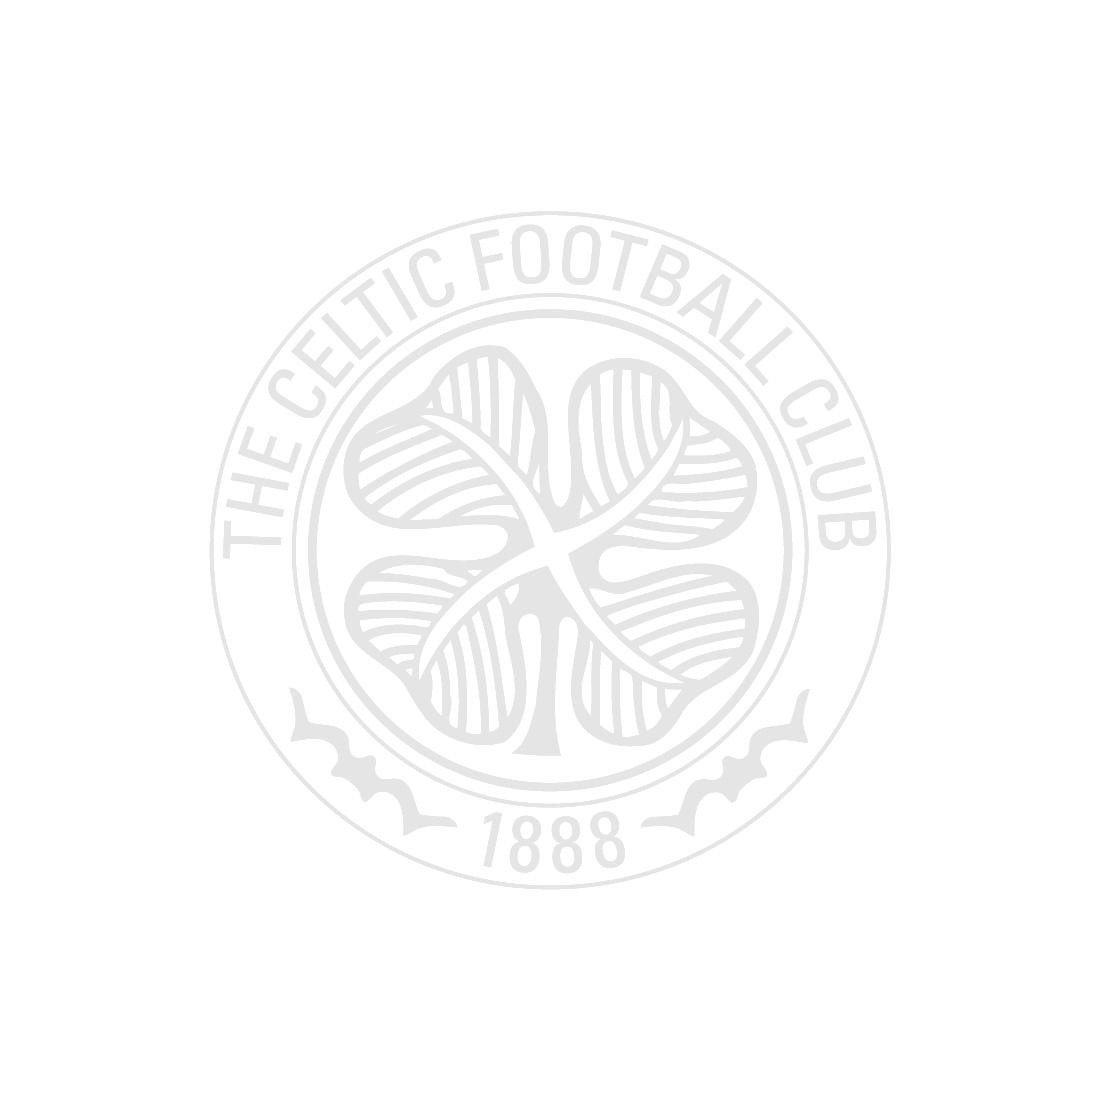 Celtic Older Girls 88 Long Sleeved T-shirt